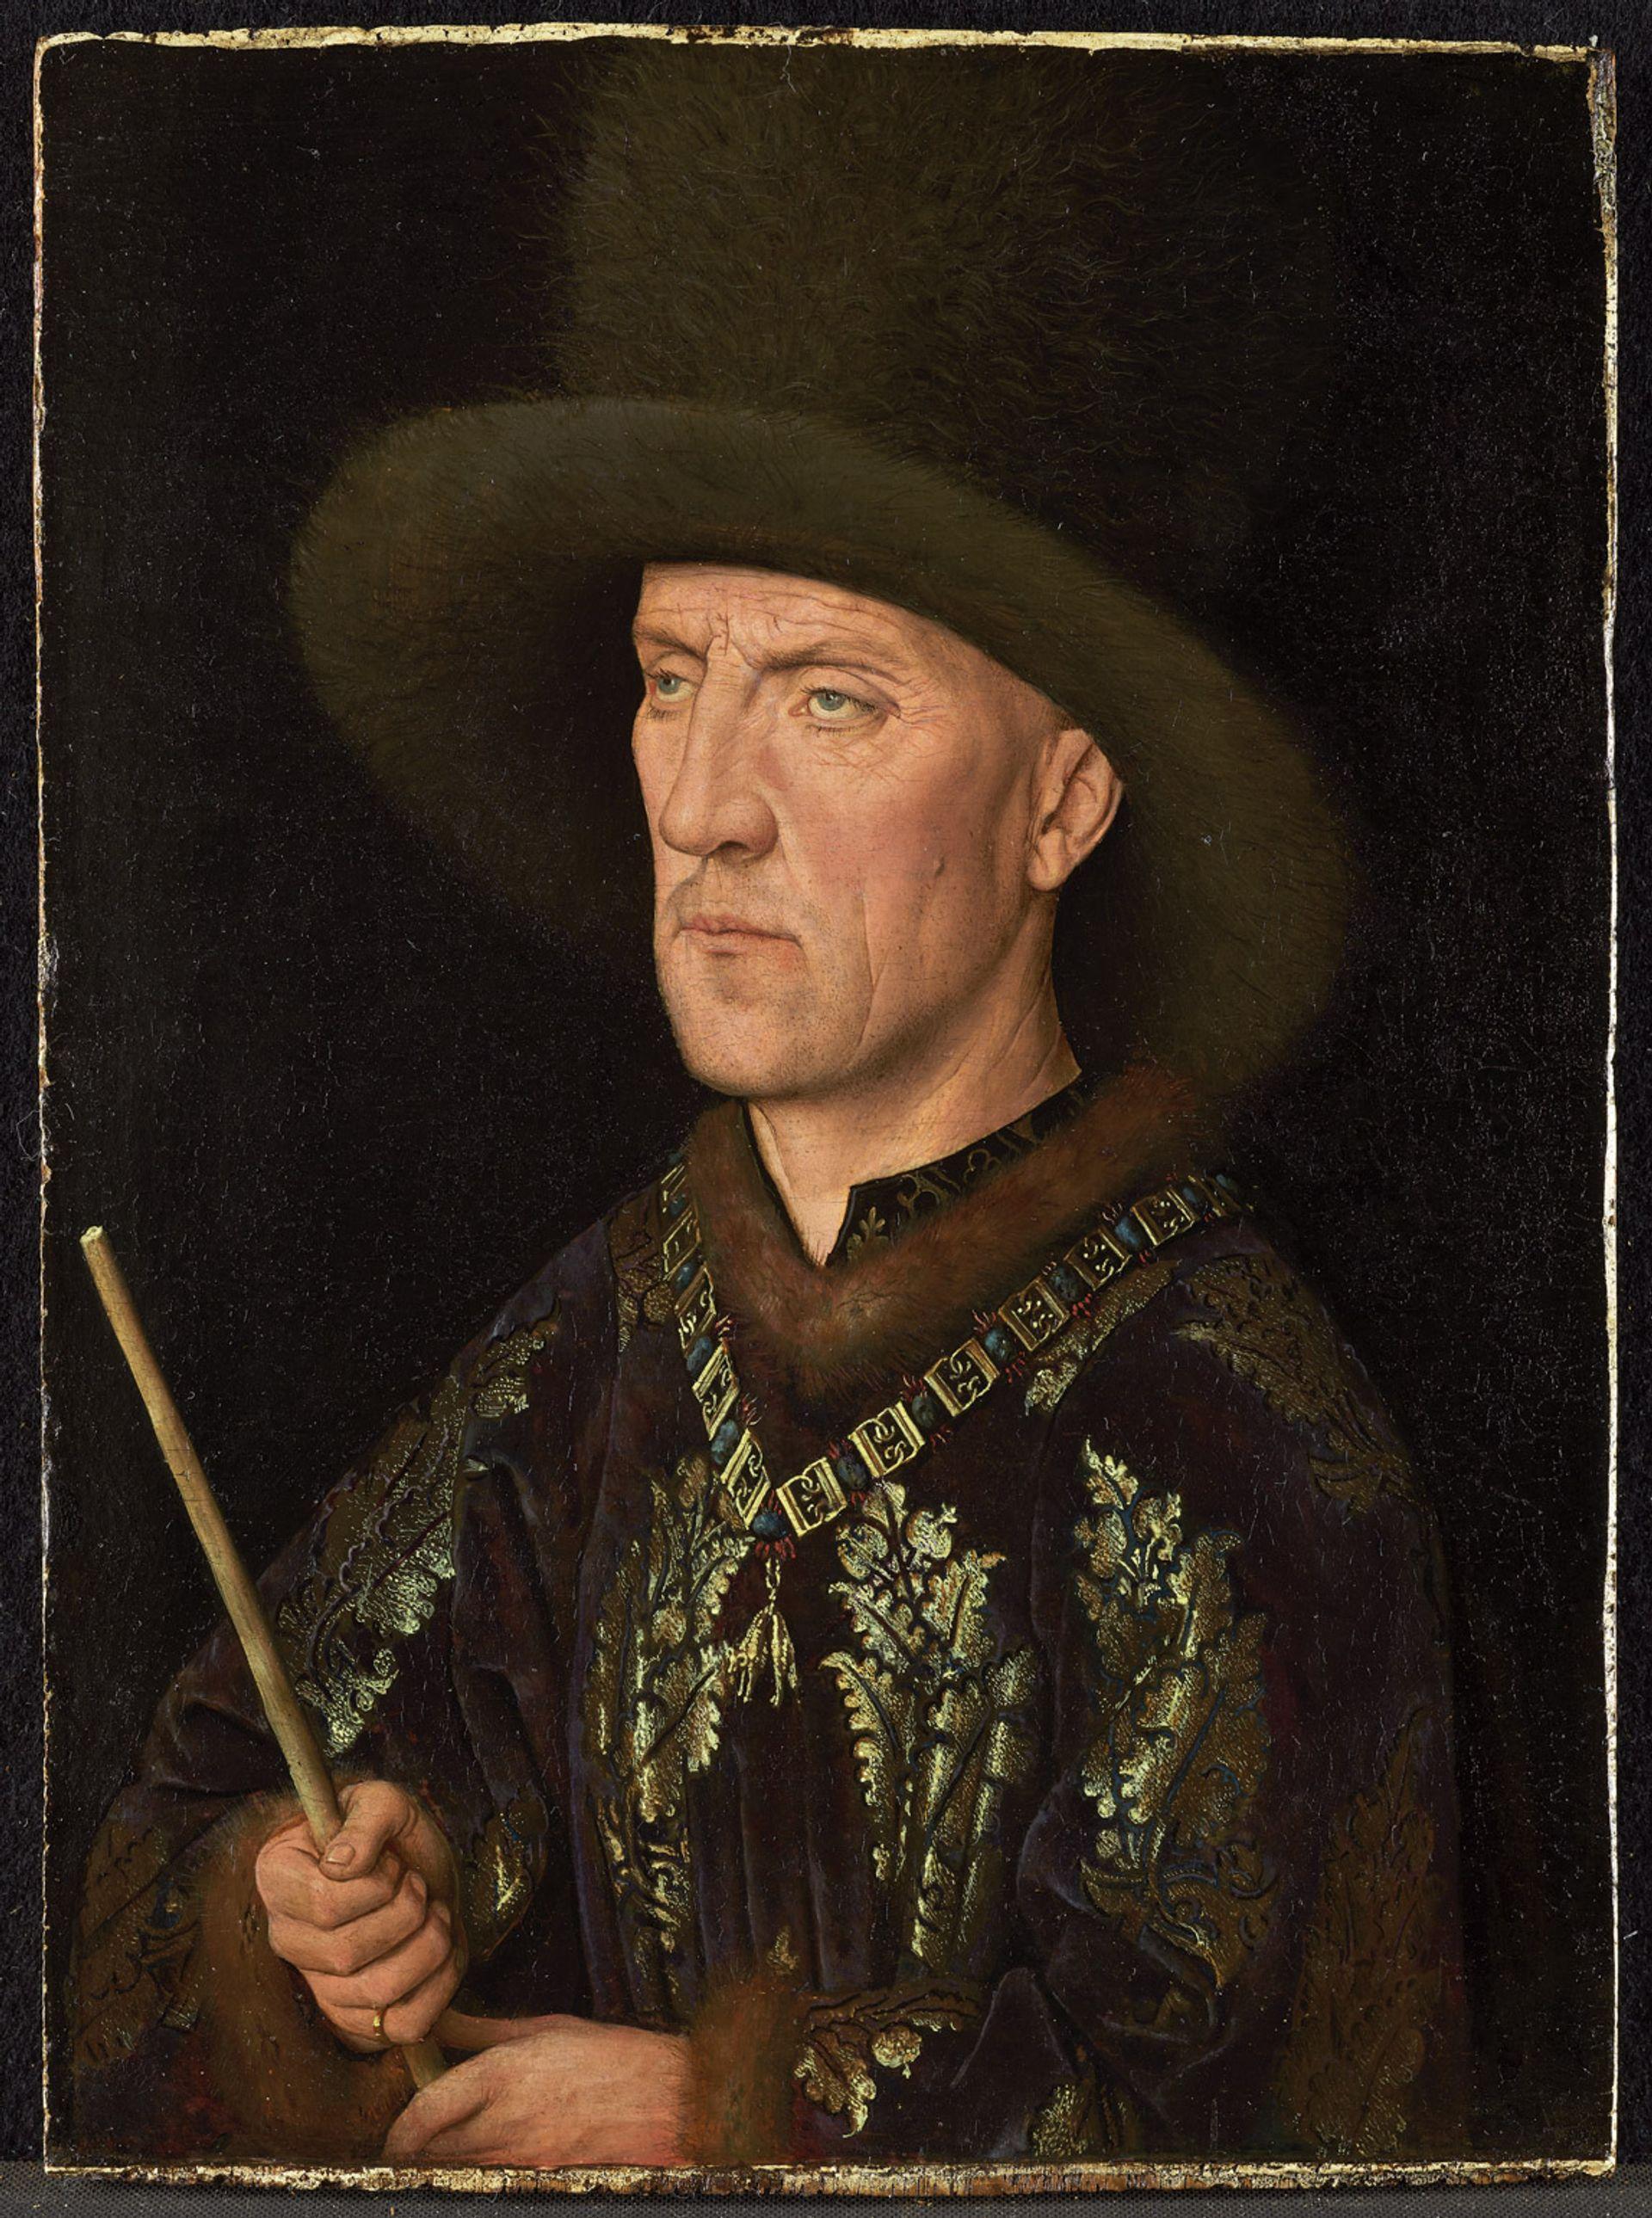 Jan van Eyck's newly restored Portrait of Baudouin de Lannoy (around 1435) Photo: Christoph Schmidt; courtesy of Staatliche Museen zu Berlin, Gemäldegalerie